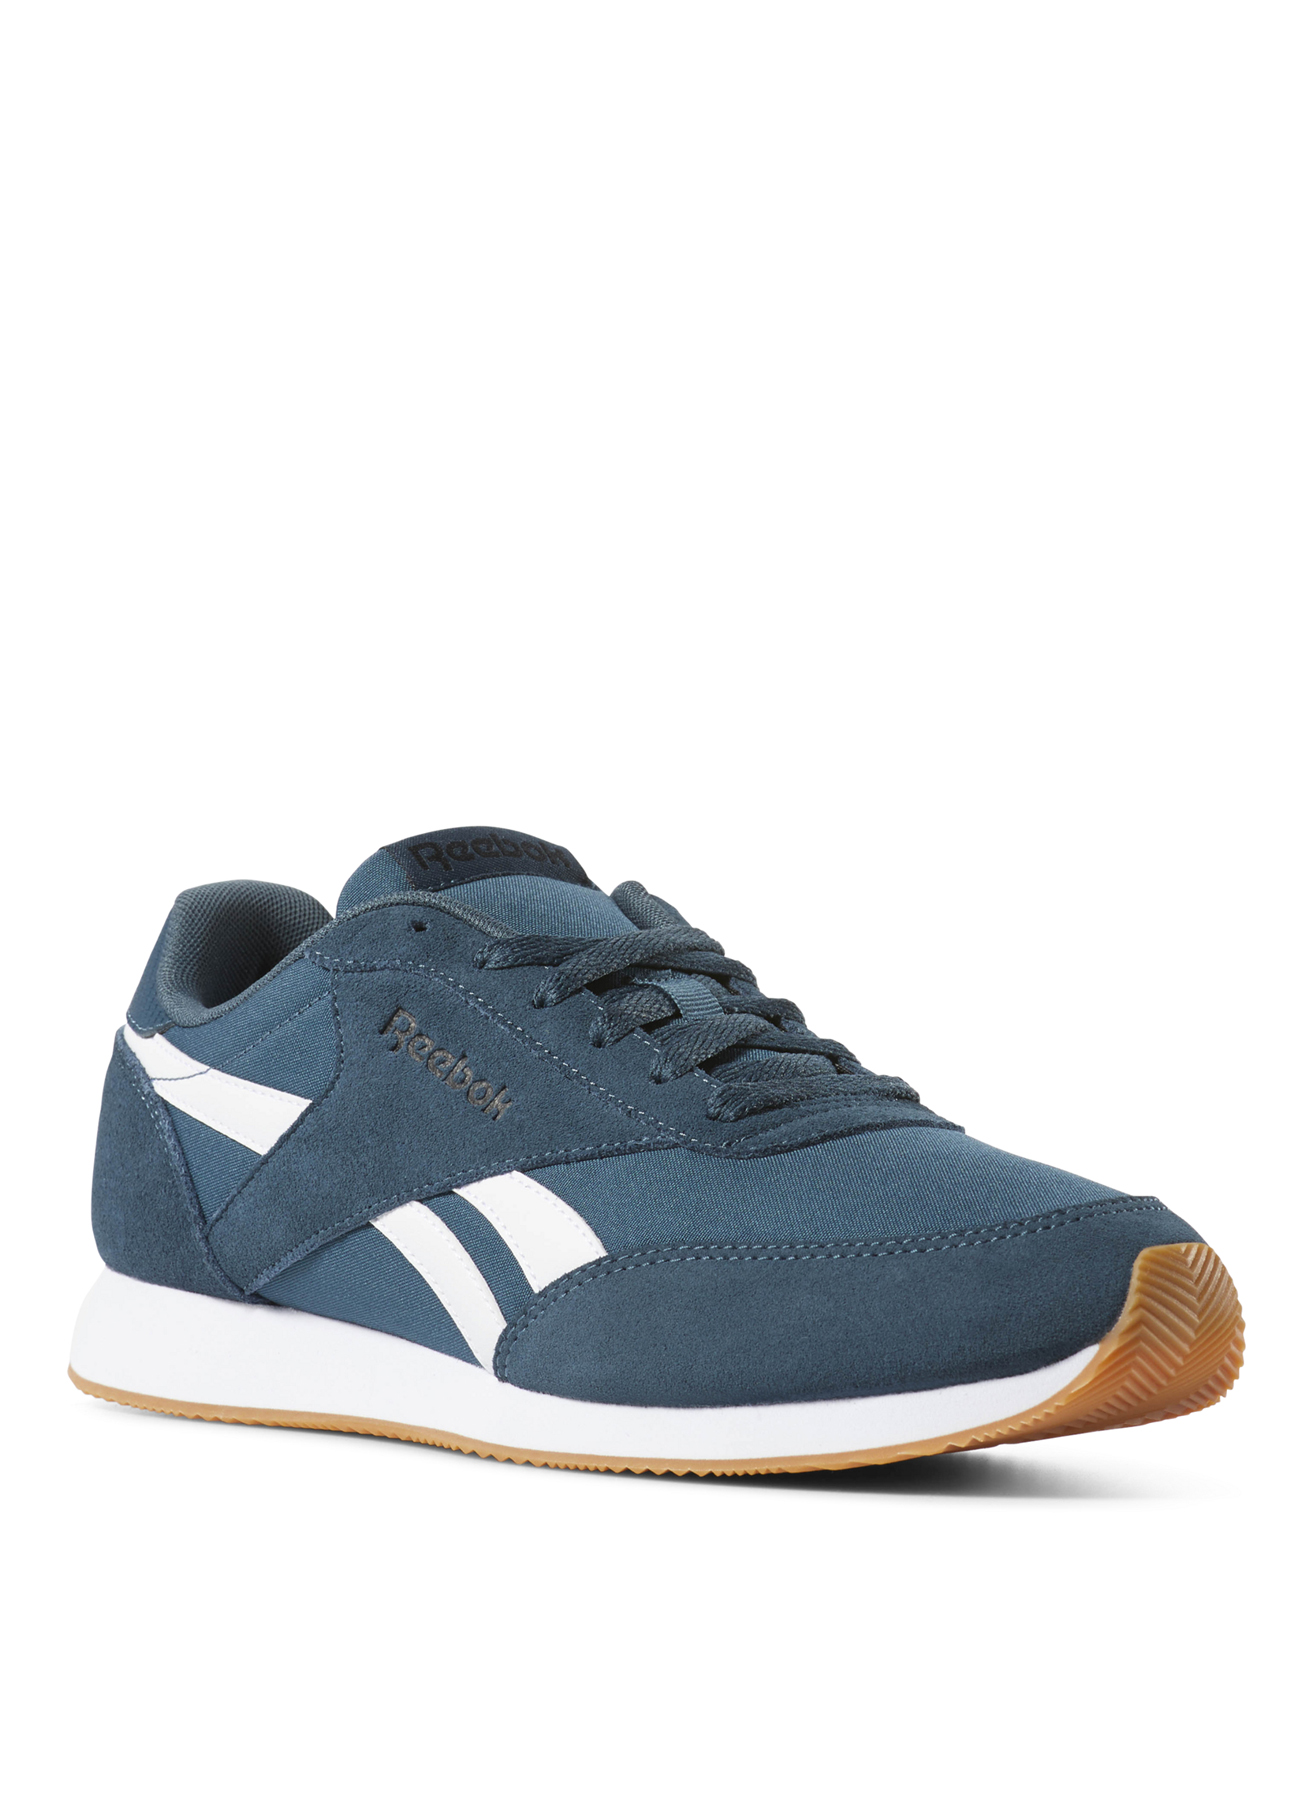 Reebok Lifestyle Ayakkabı 41 5002359663002 Ürün Resmi